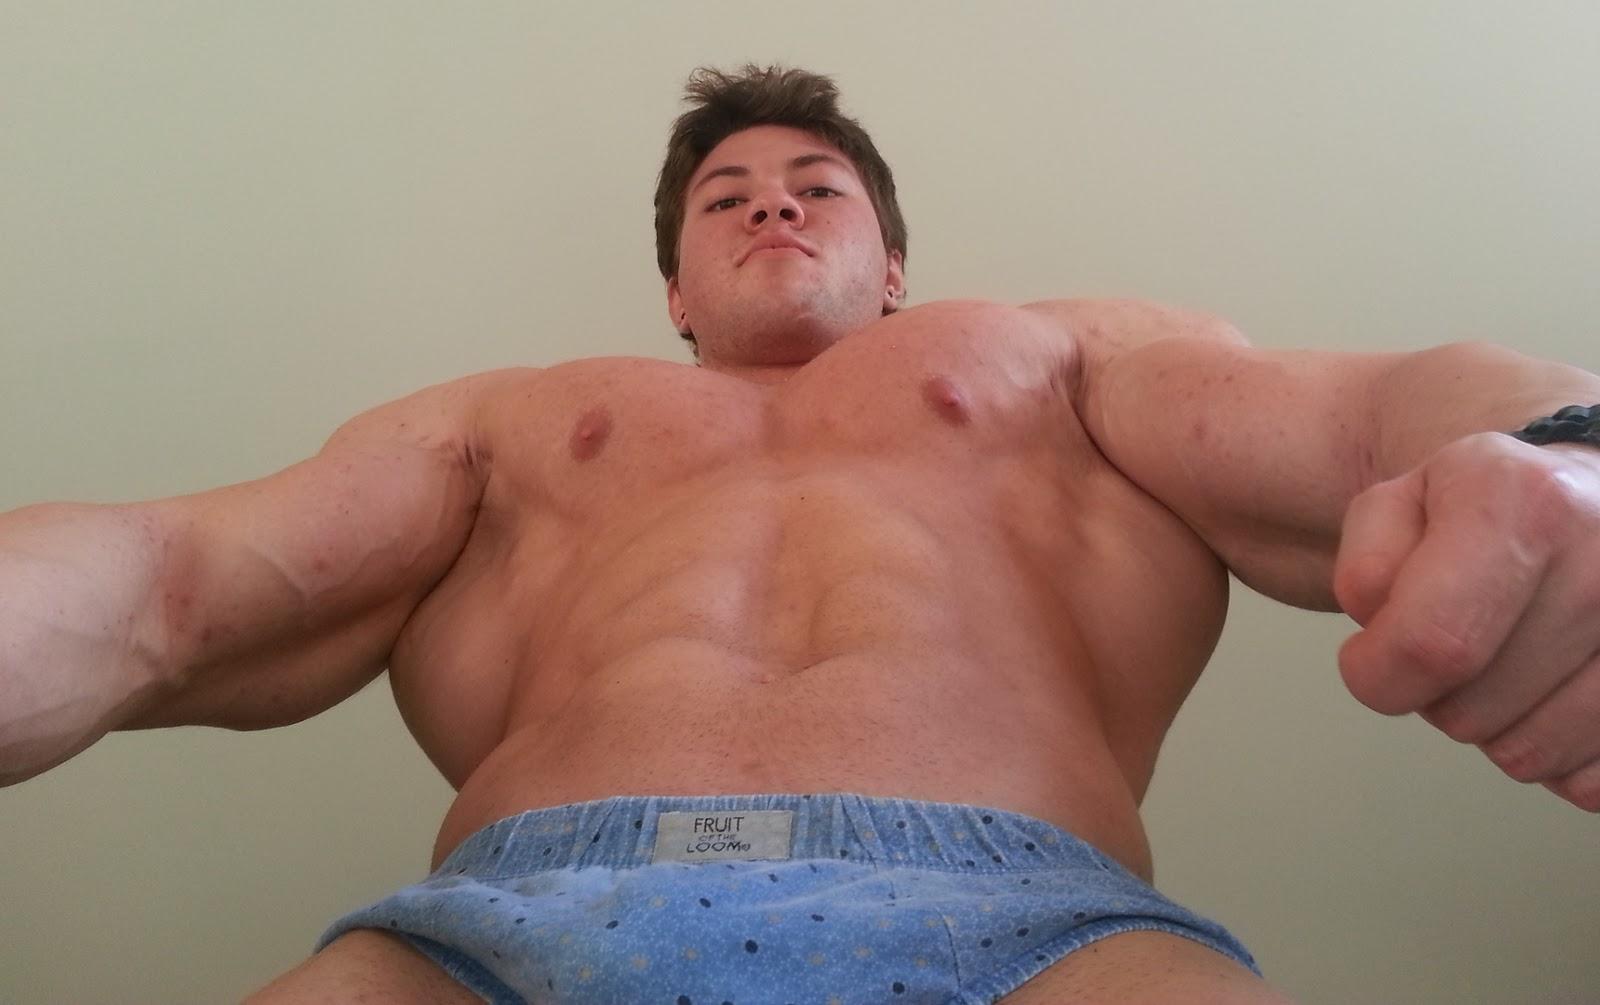 Смотреть онлайн парни с большим хуем, Большой член - Гей порно бесплатно 2 фотография